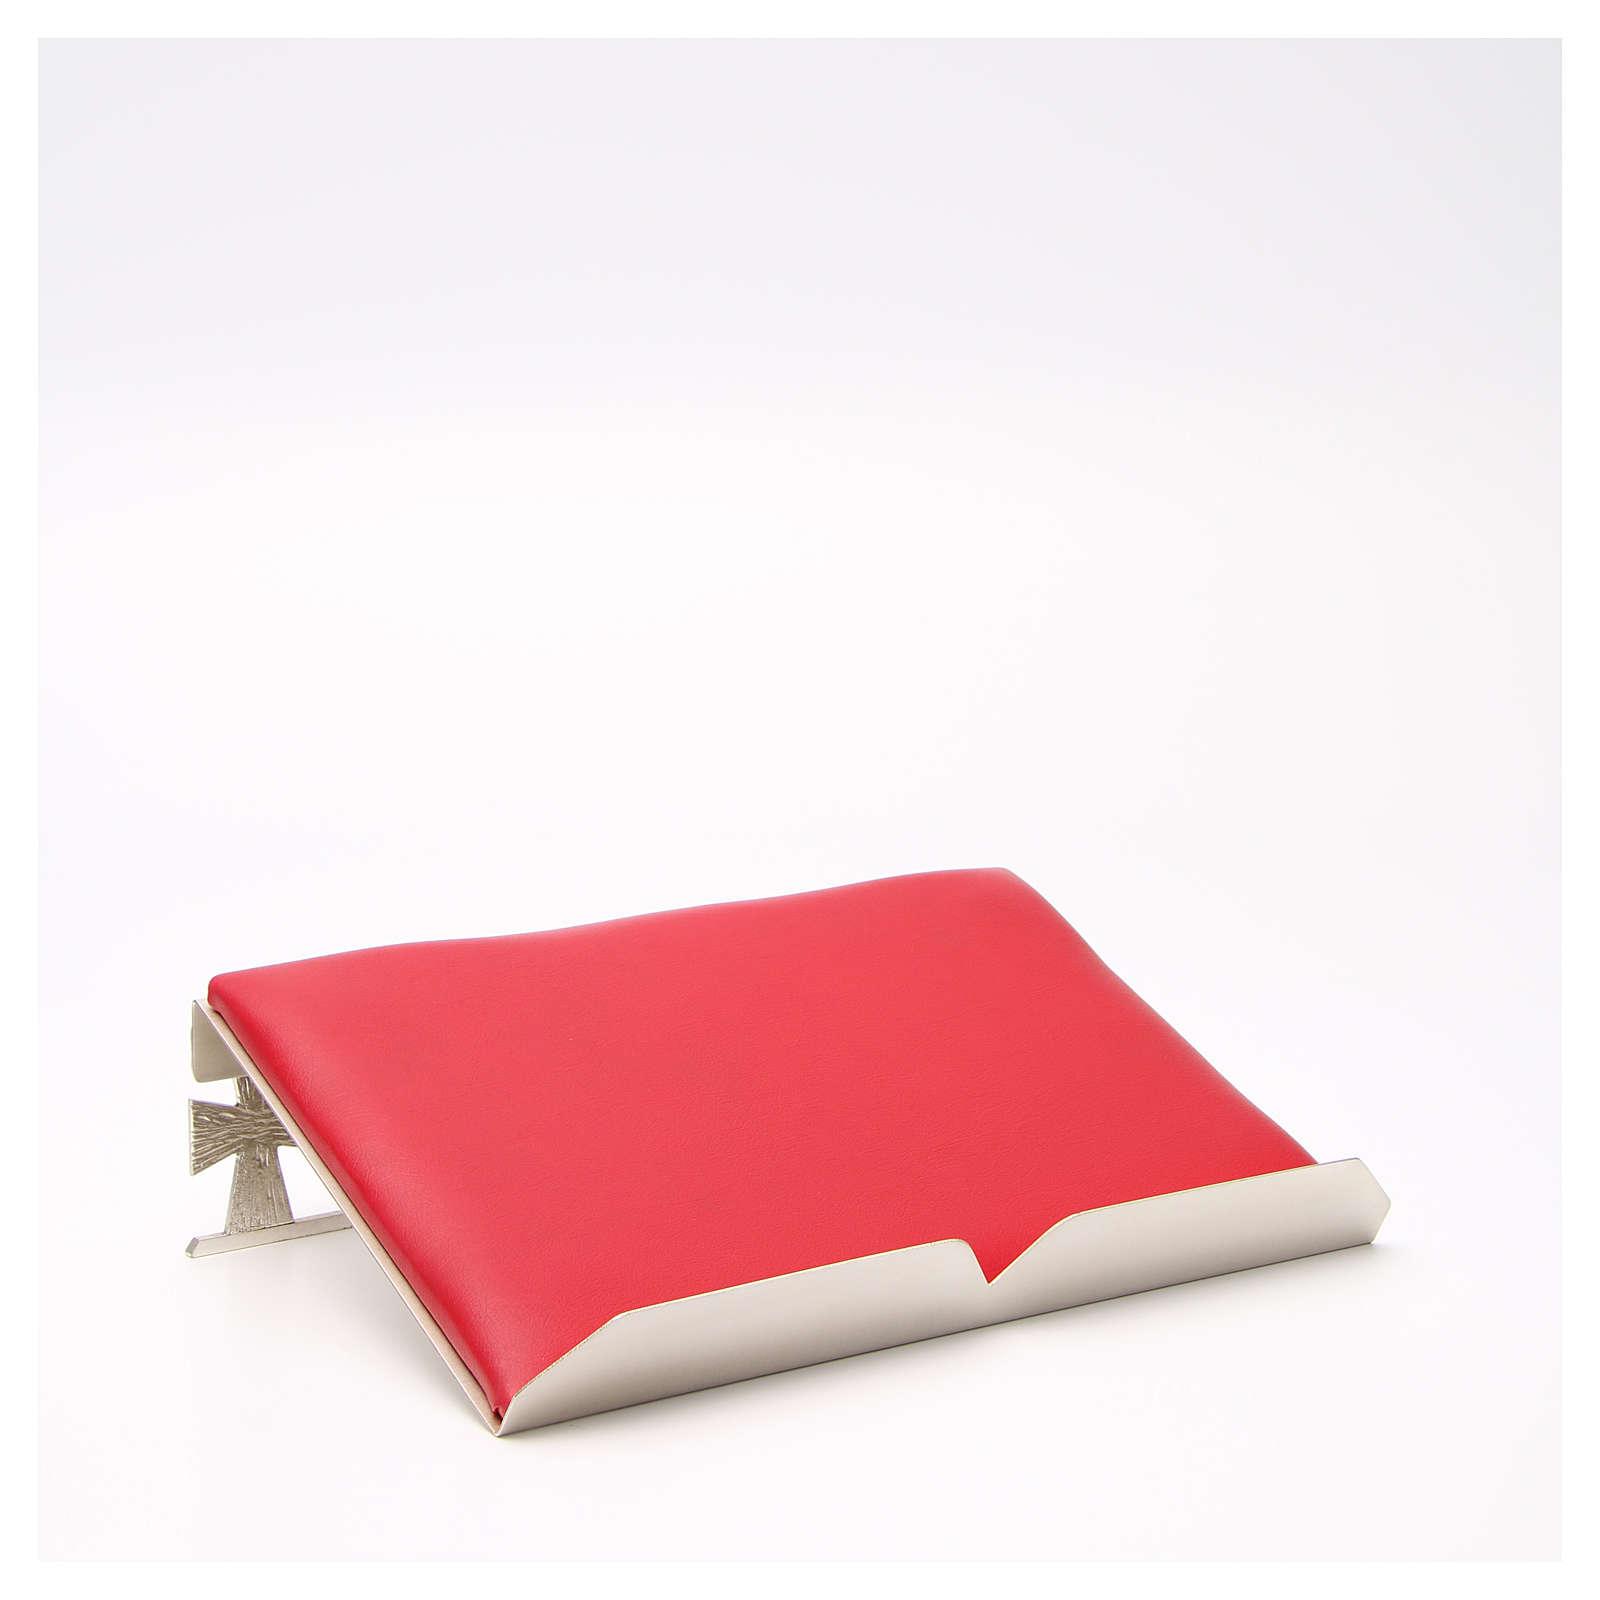 Atril de mesa plateado símil cuero rojo 4